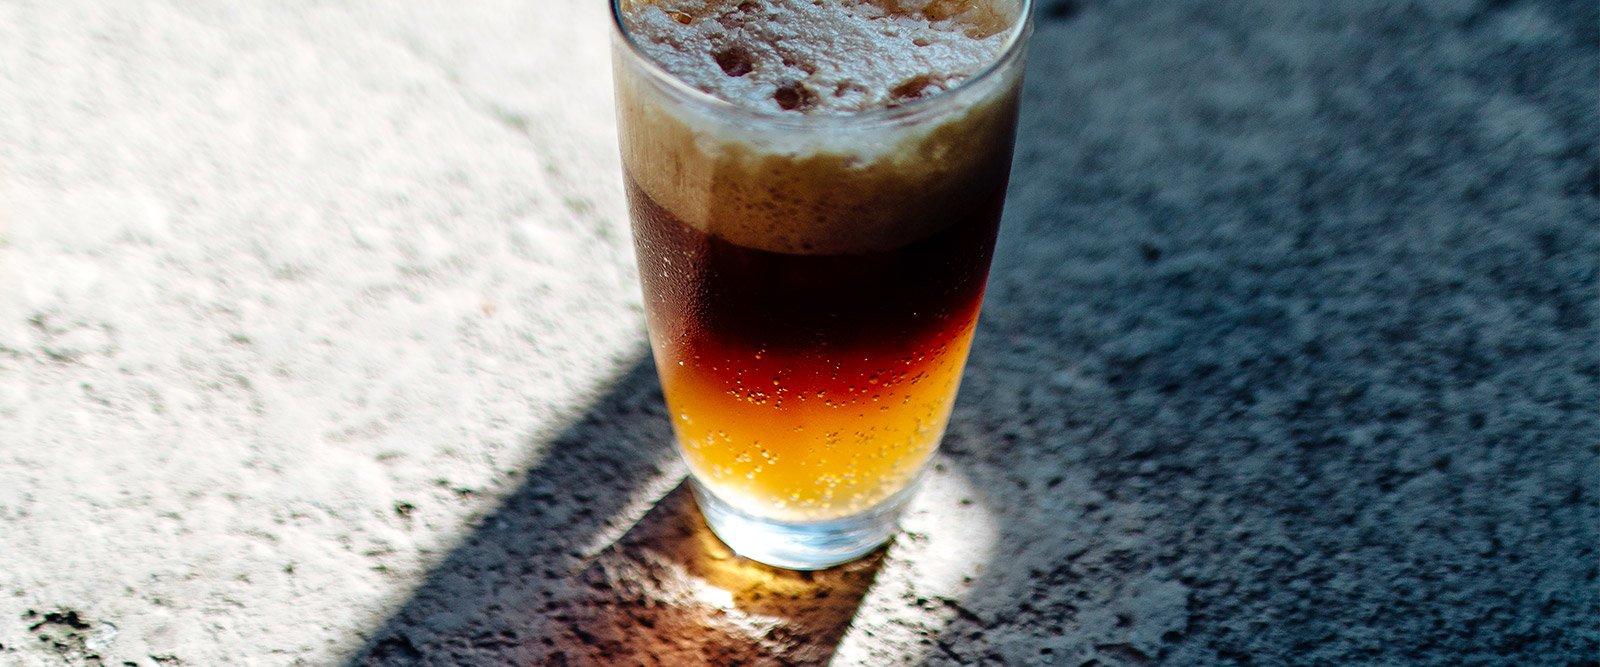 Drinks com café: 10 receitas para quem ama café alcoólico